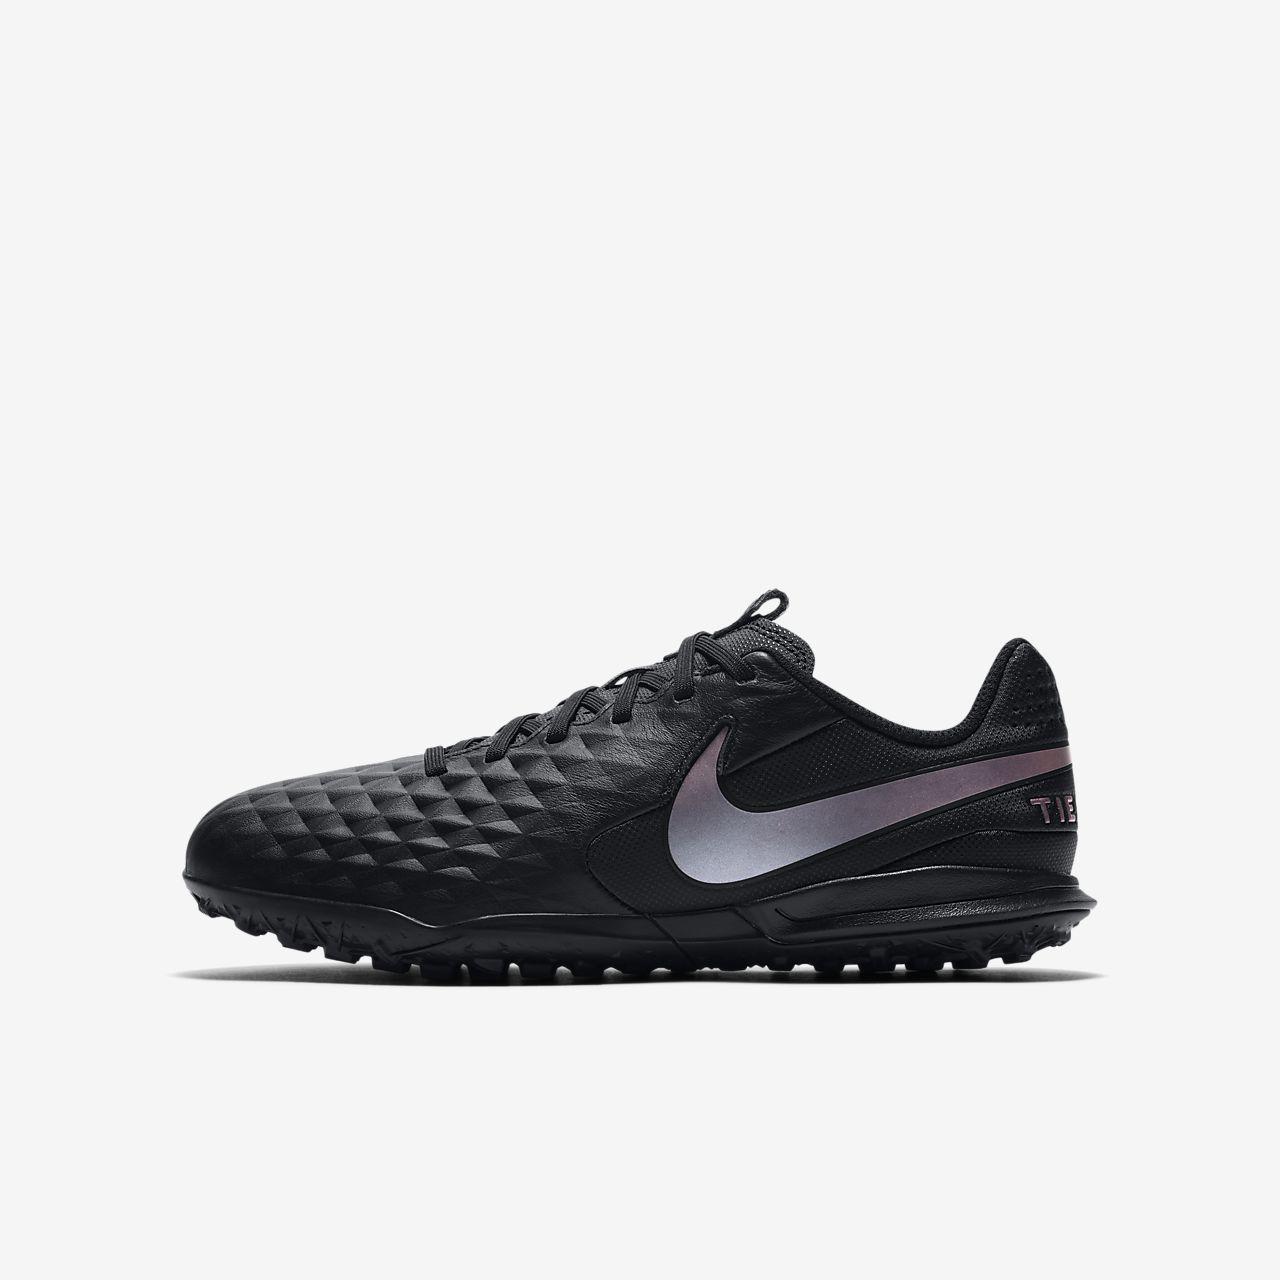 Buty piłkarskie Nike Tiempo Legend 8 Academy Ic Jr AT5736 010 czarny czarne